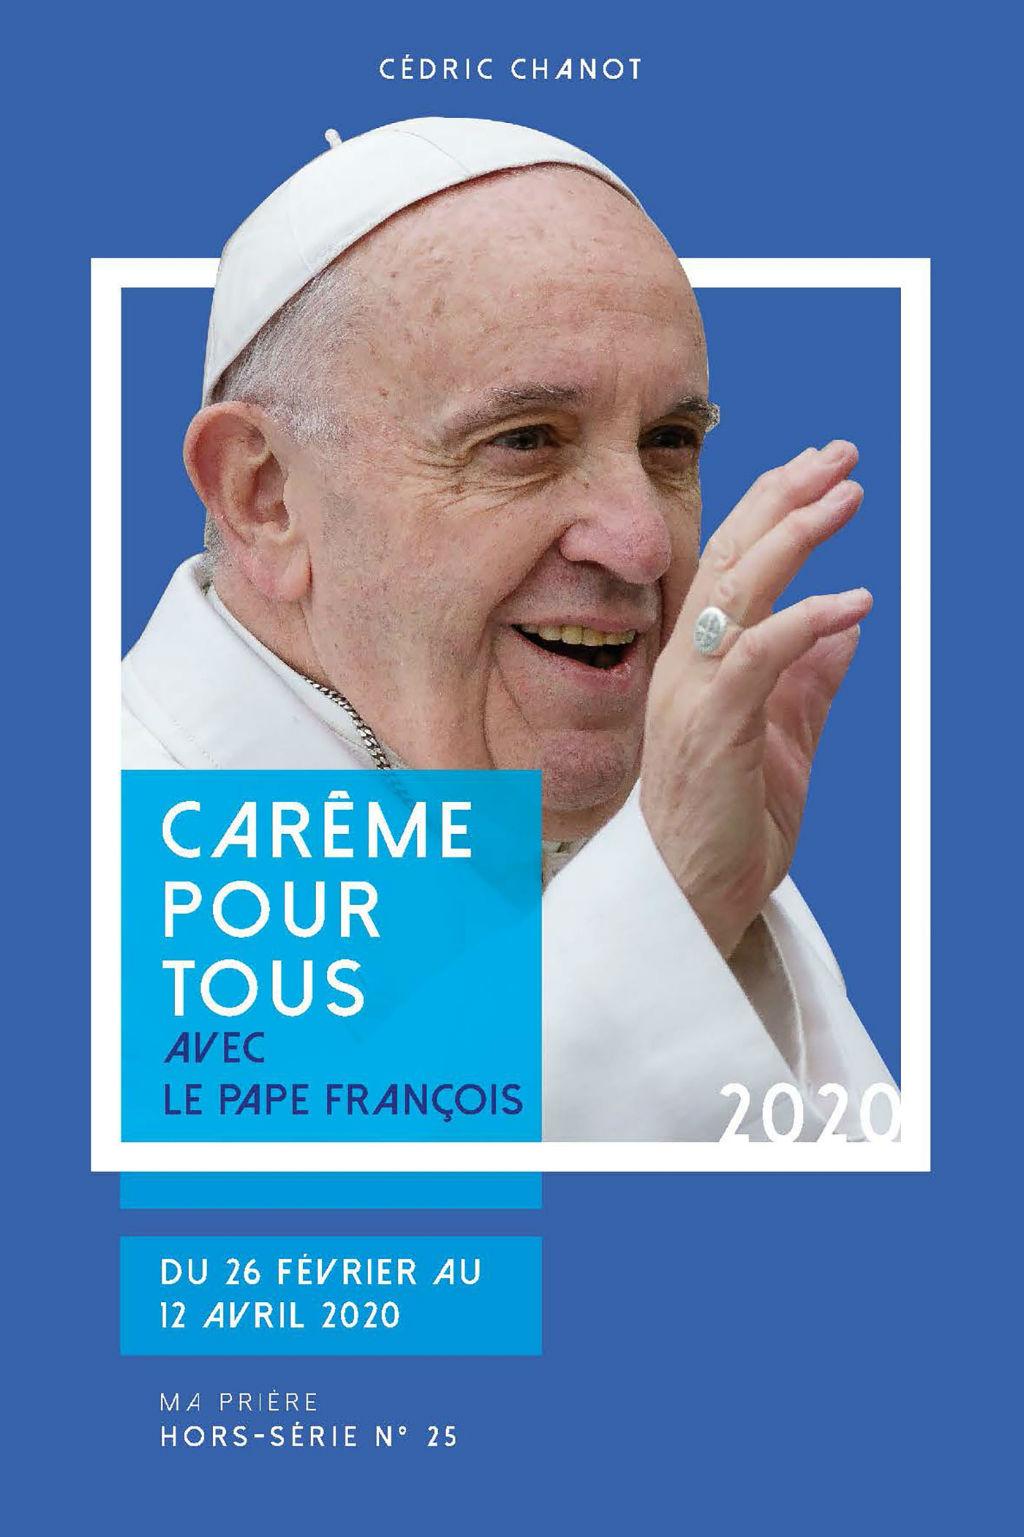 Carême pour tous 2020 avec le pape François